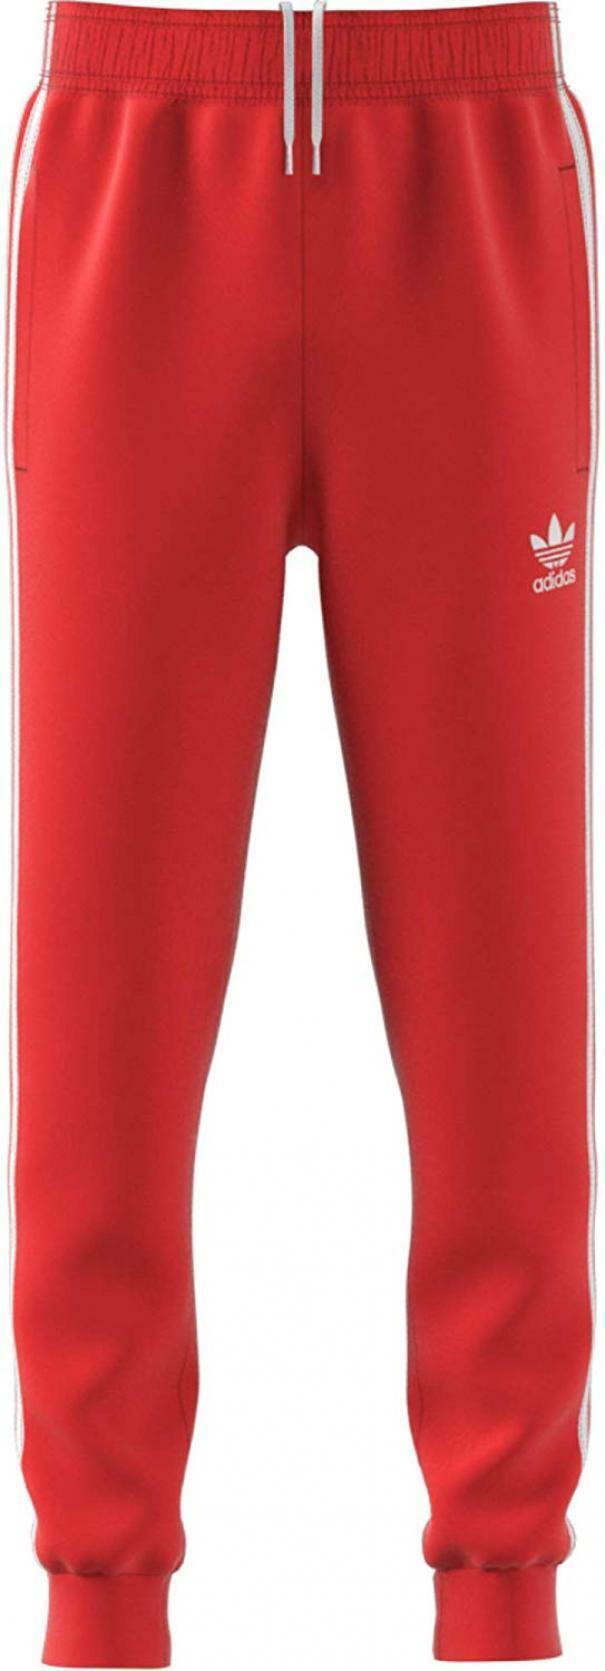 pantaloni rossi adidas bambino